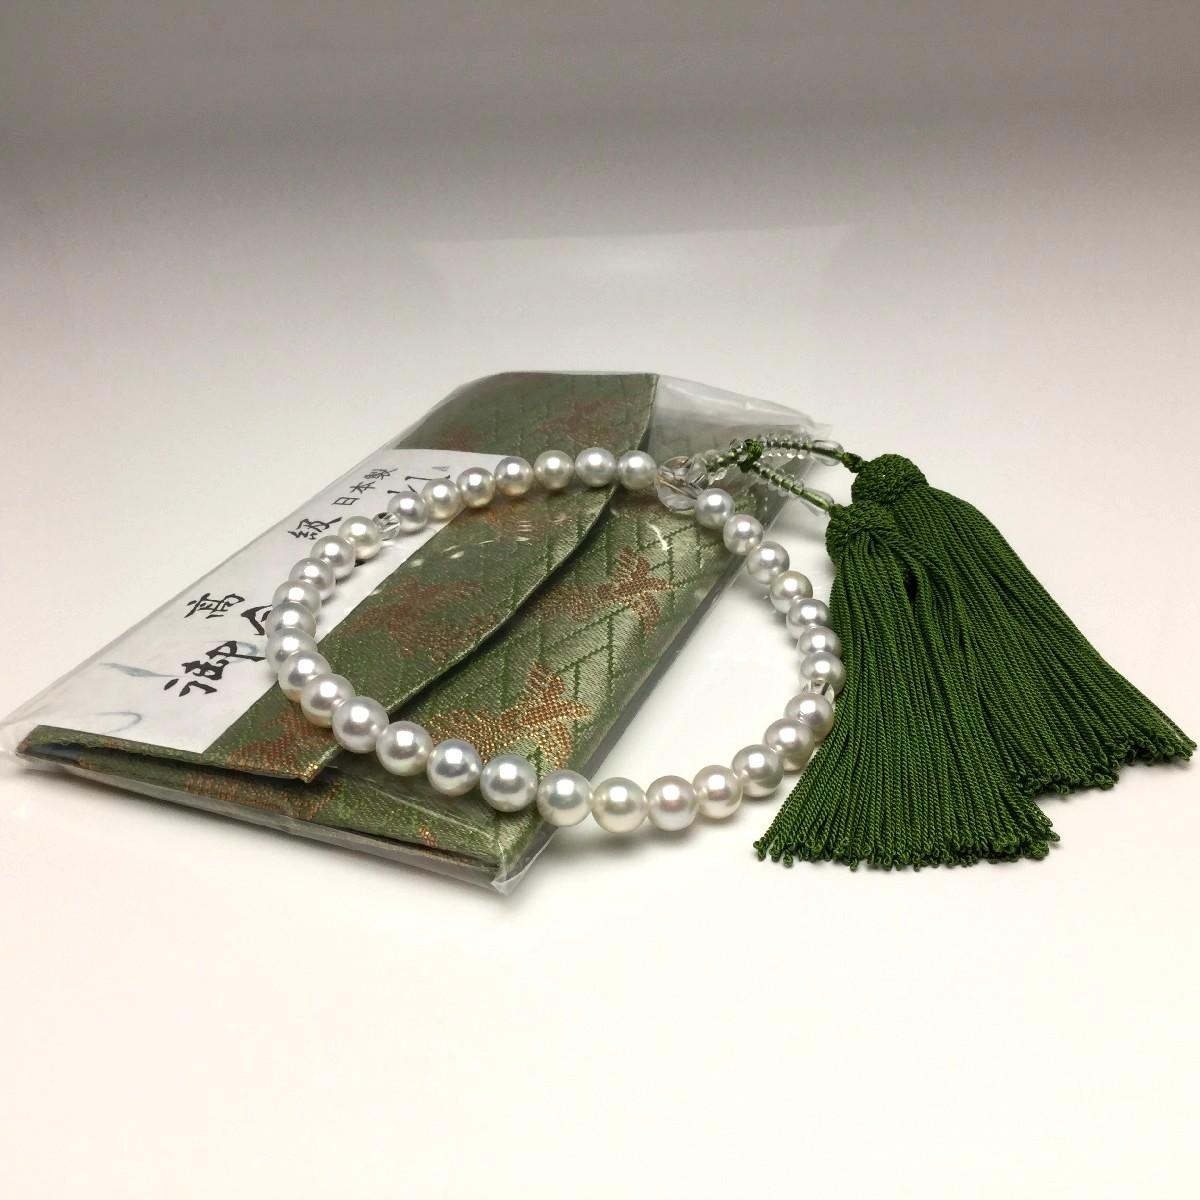 真珠 念珠(数珠) パール アコヤ真珠 7.5-8.0mm ホワイトシルバーブルー(ナチュラル) 正絹房 水晶(クォーツ) 66165 イソワパール